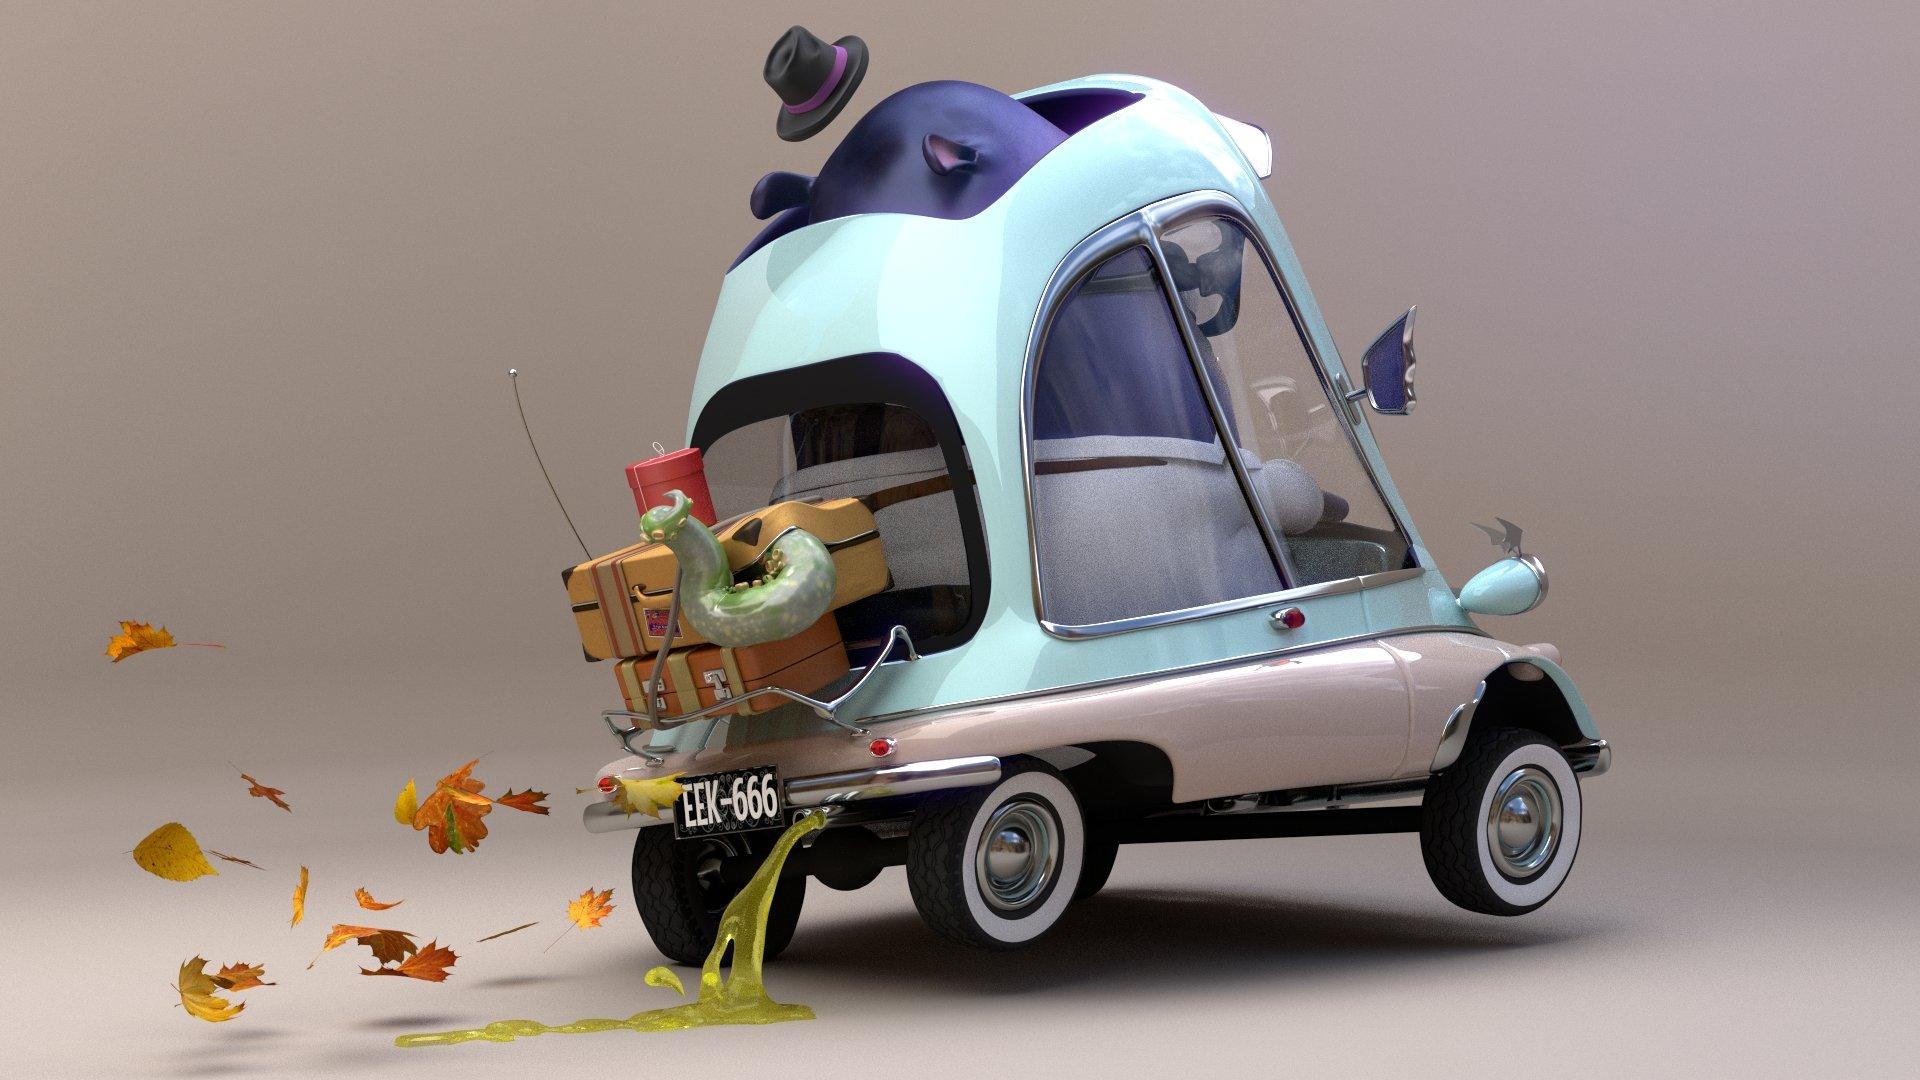 Glenn melenhorst car0124